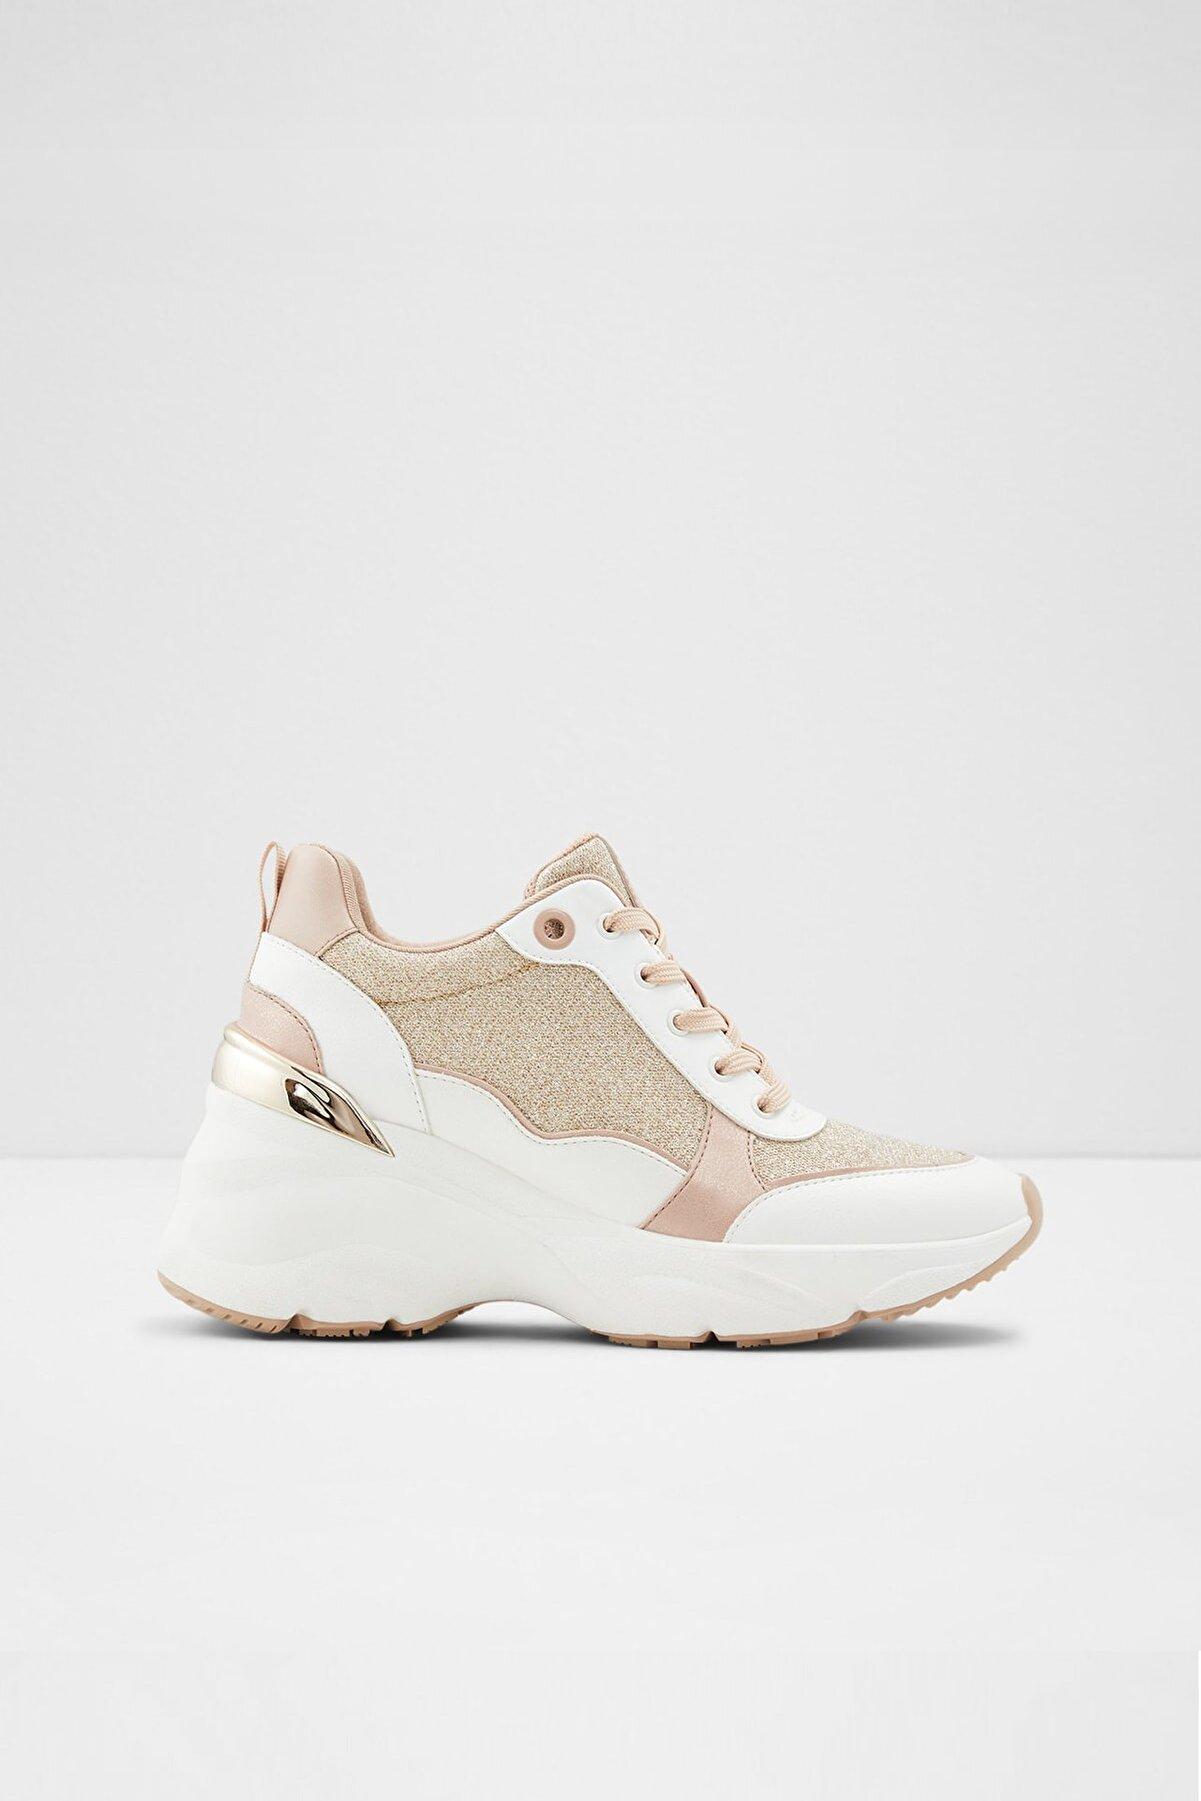 Aldo Kadın Pembe  Sneaker